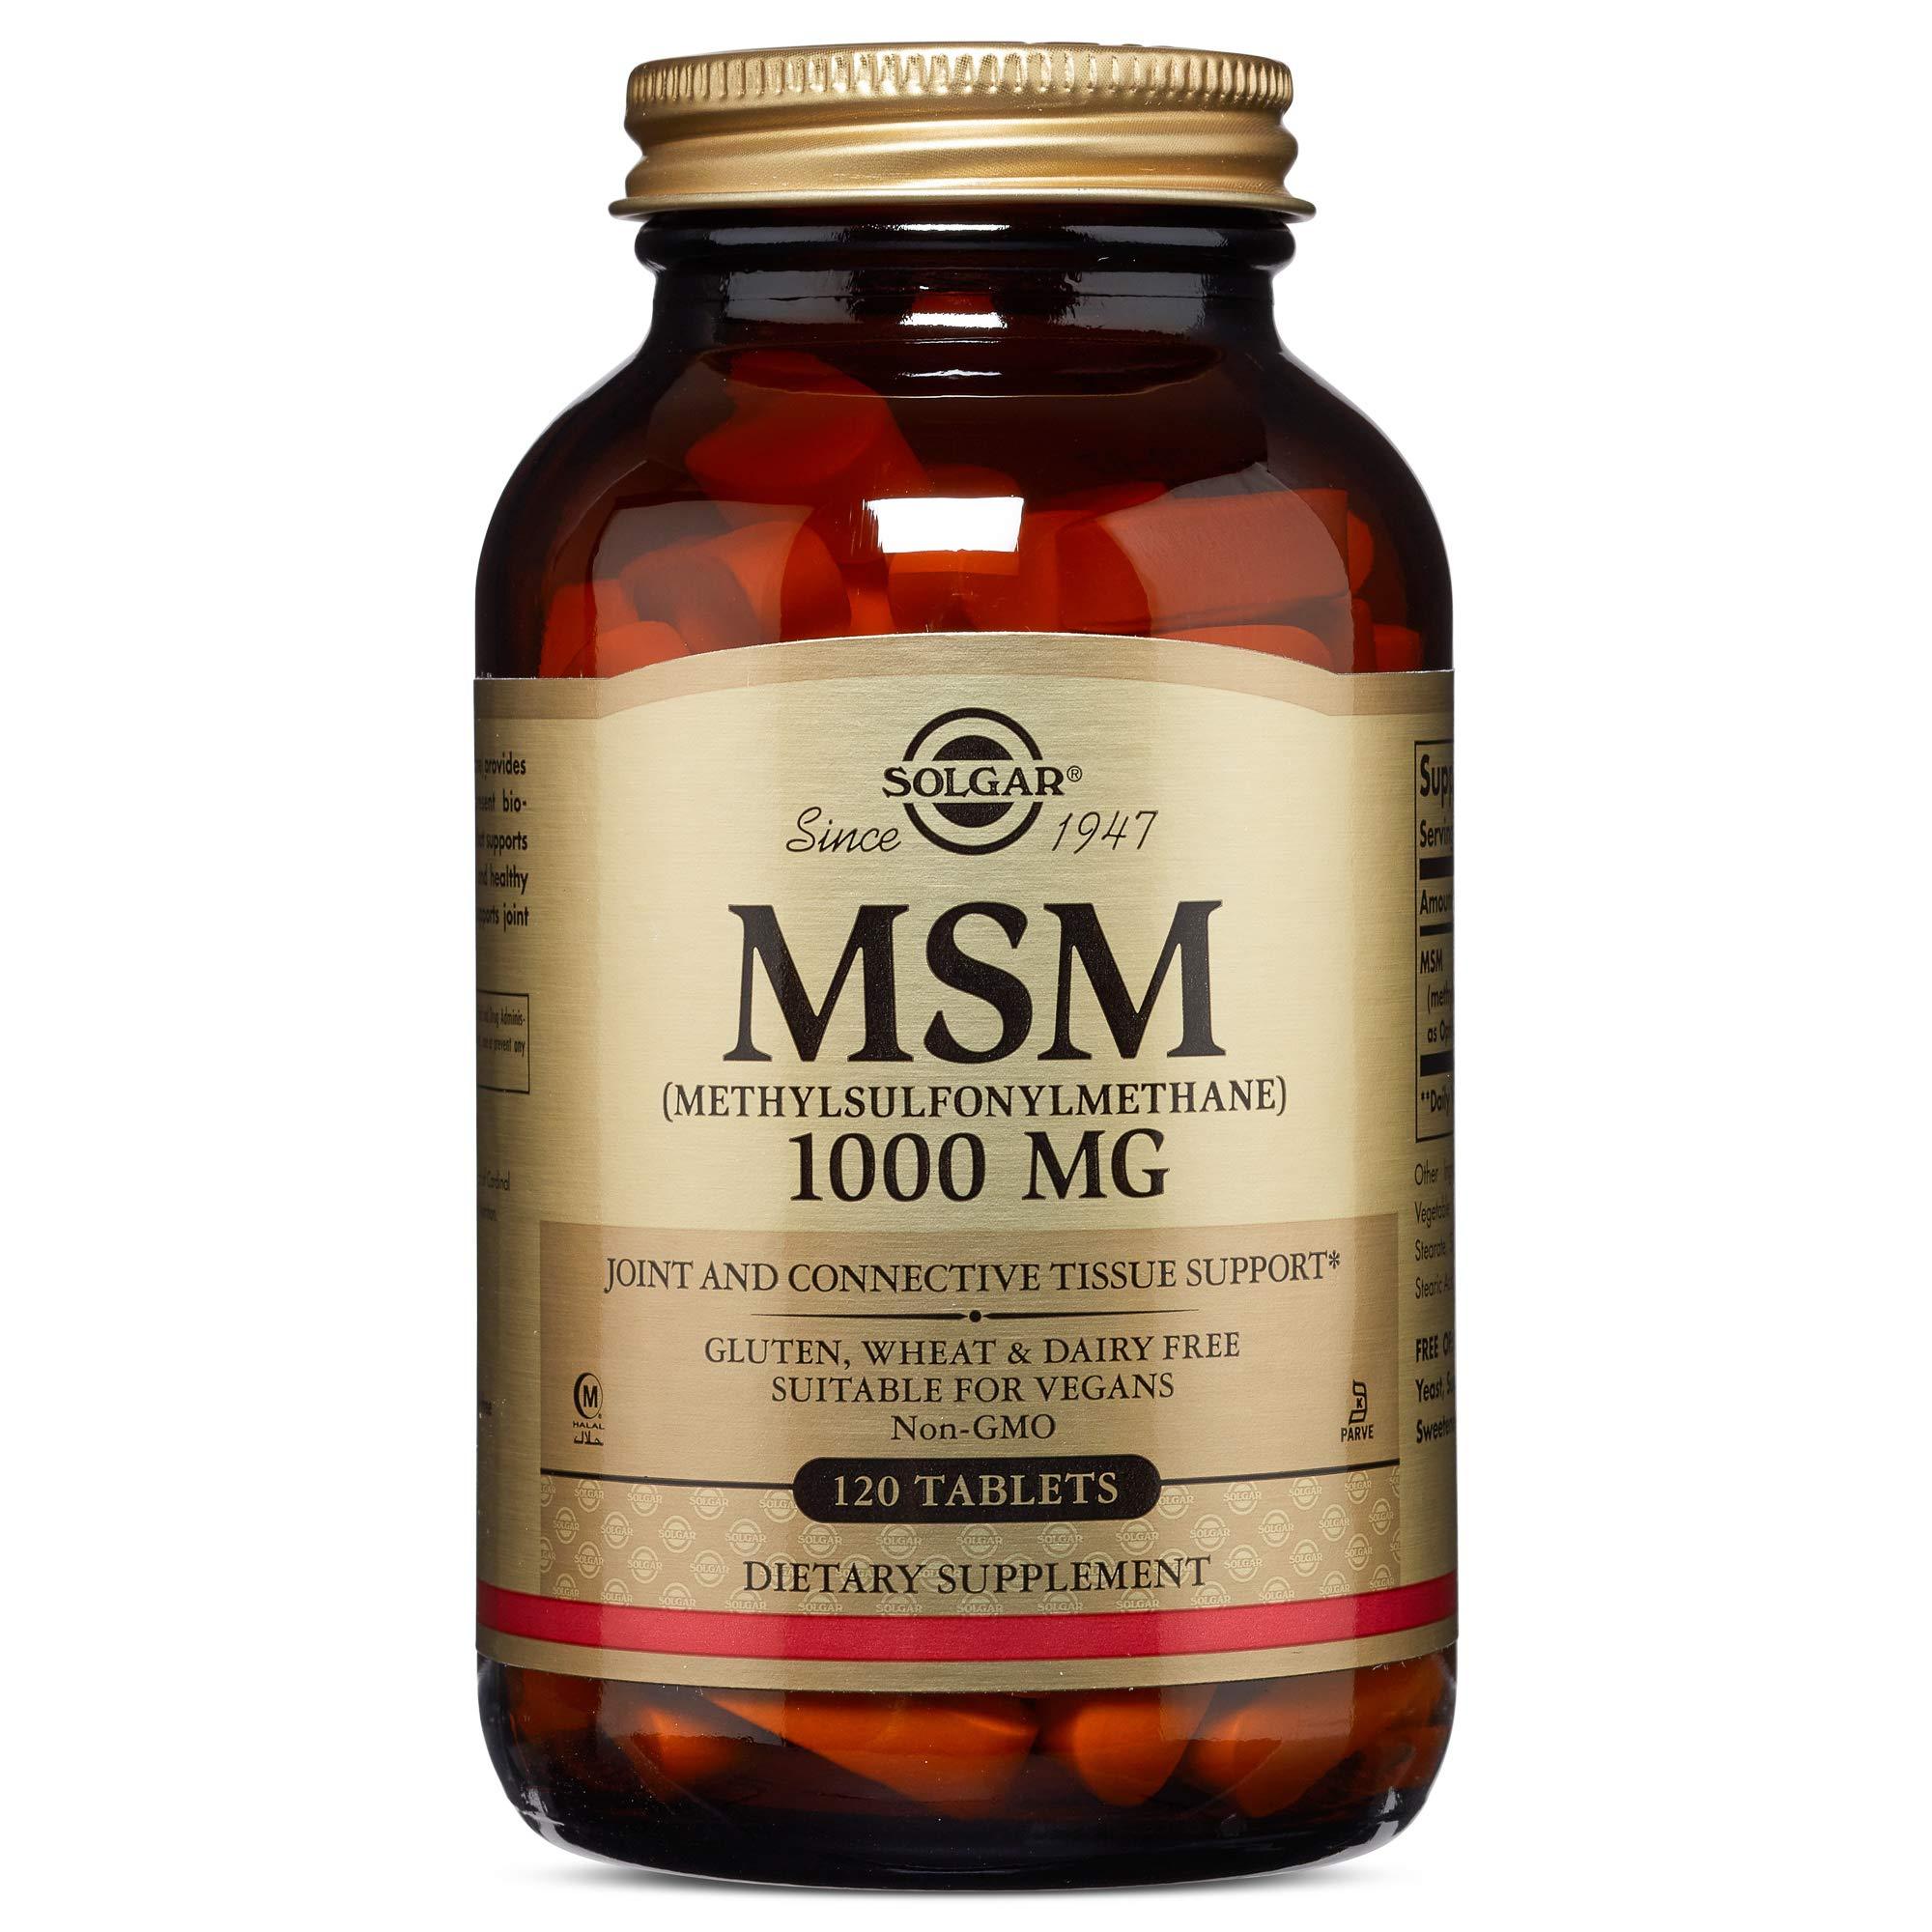 Solgar - MSM 1000 mg, 120 Tablets